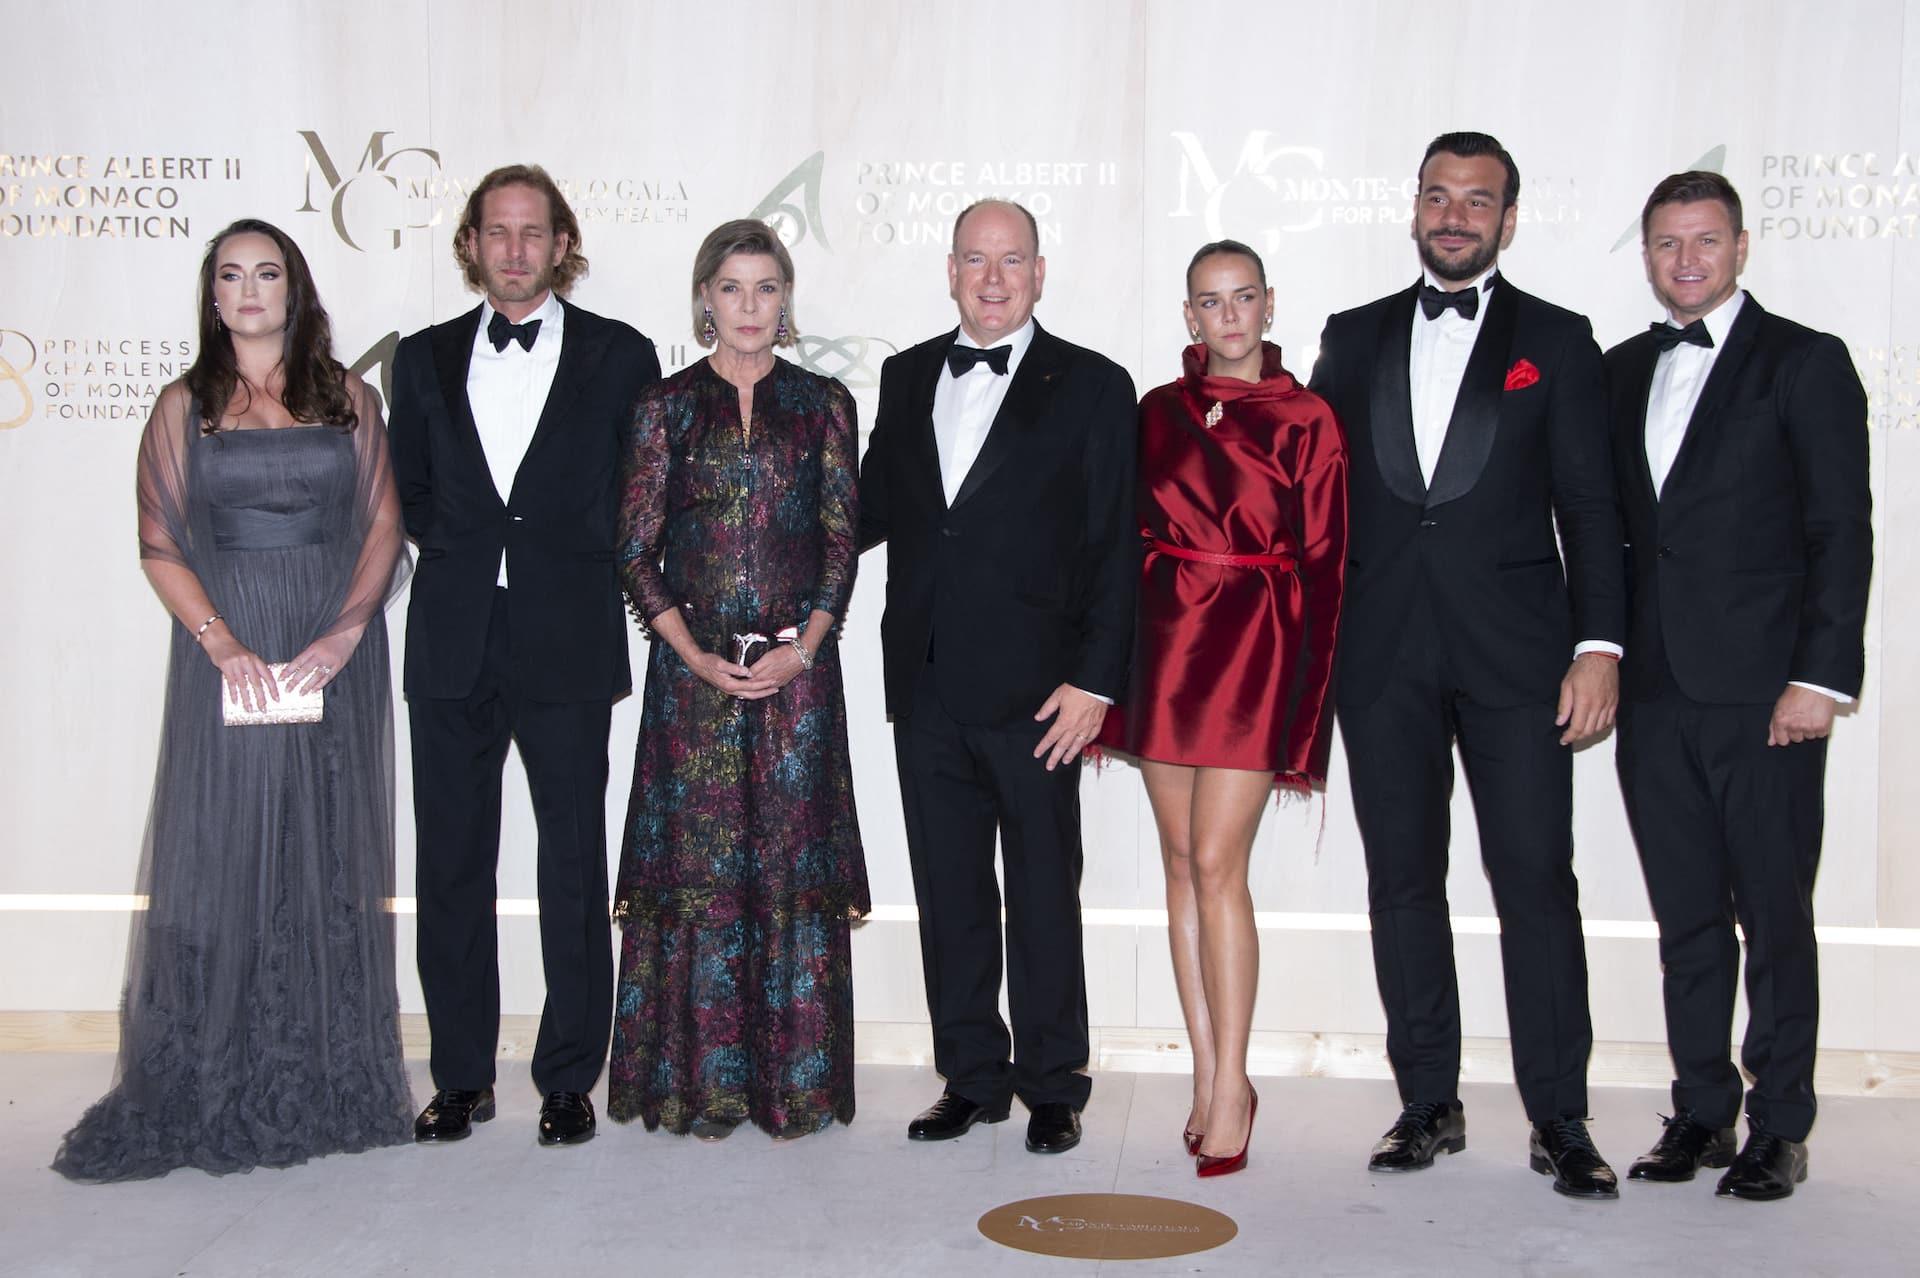 Fürstenfamilie von Monaco